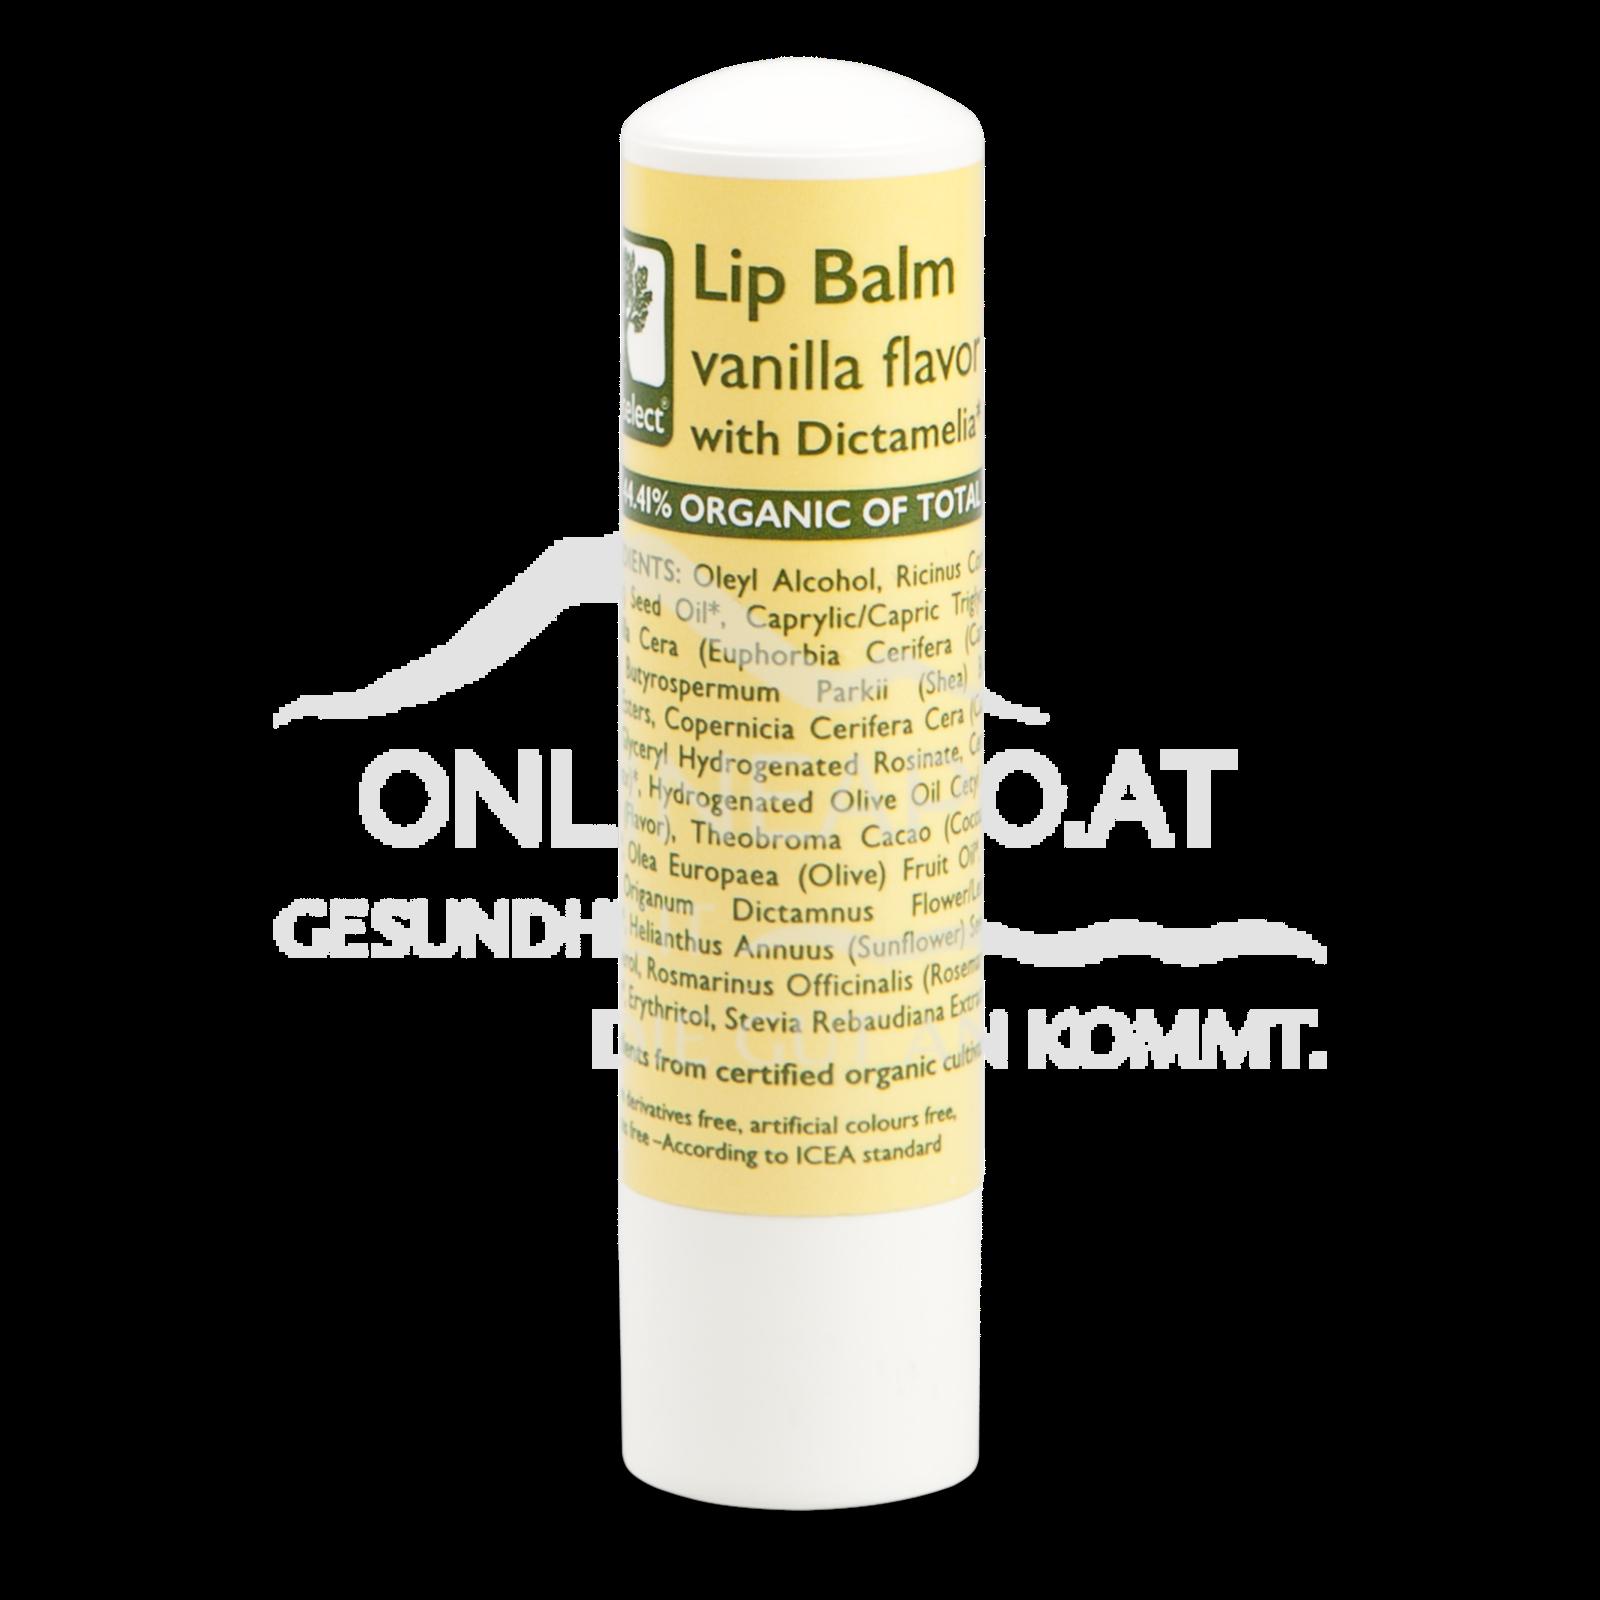 Bioselect Lip Balm vanilla flavor